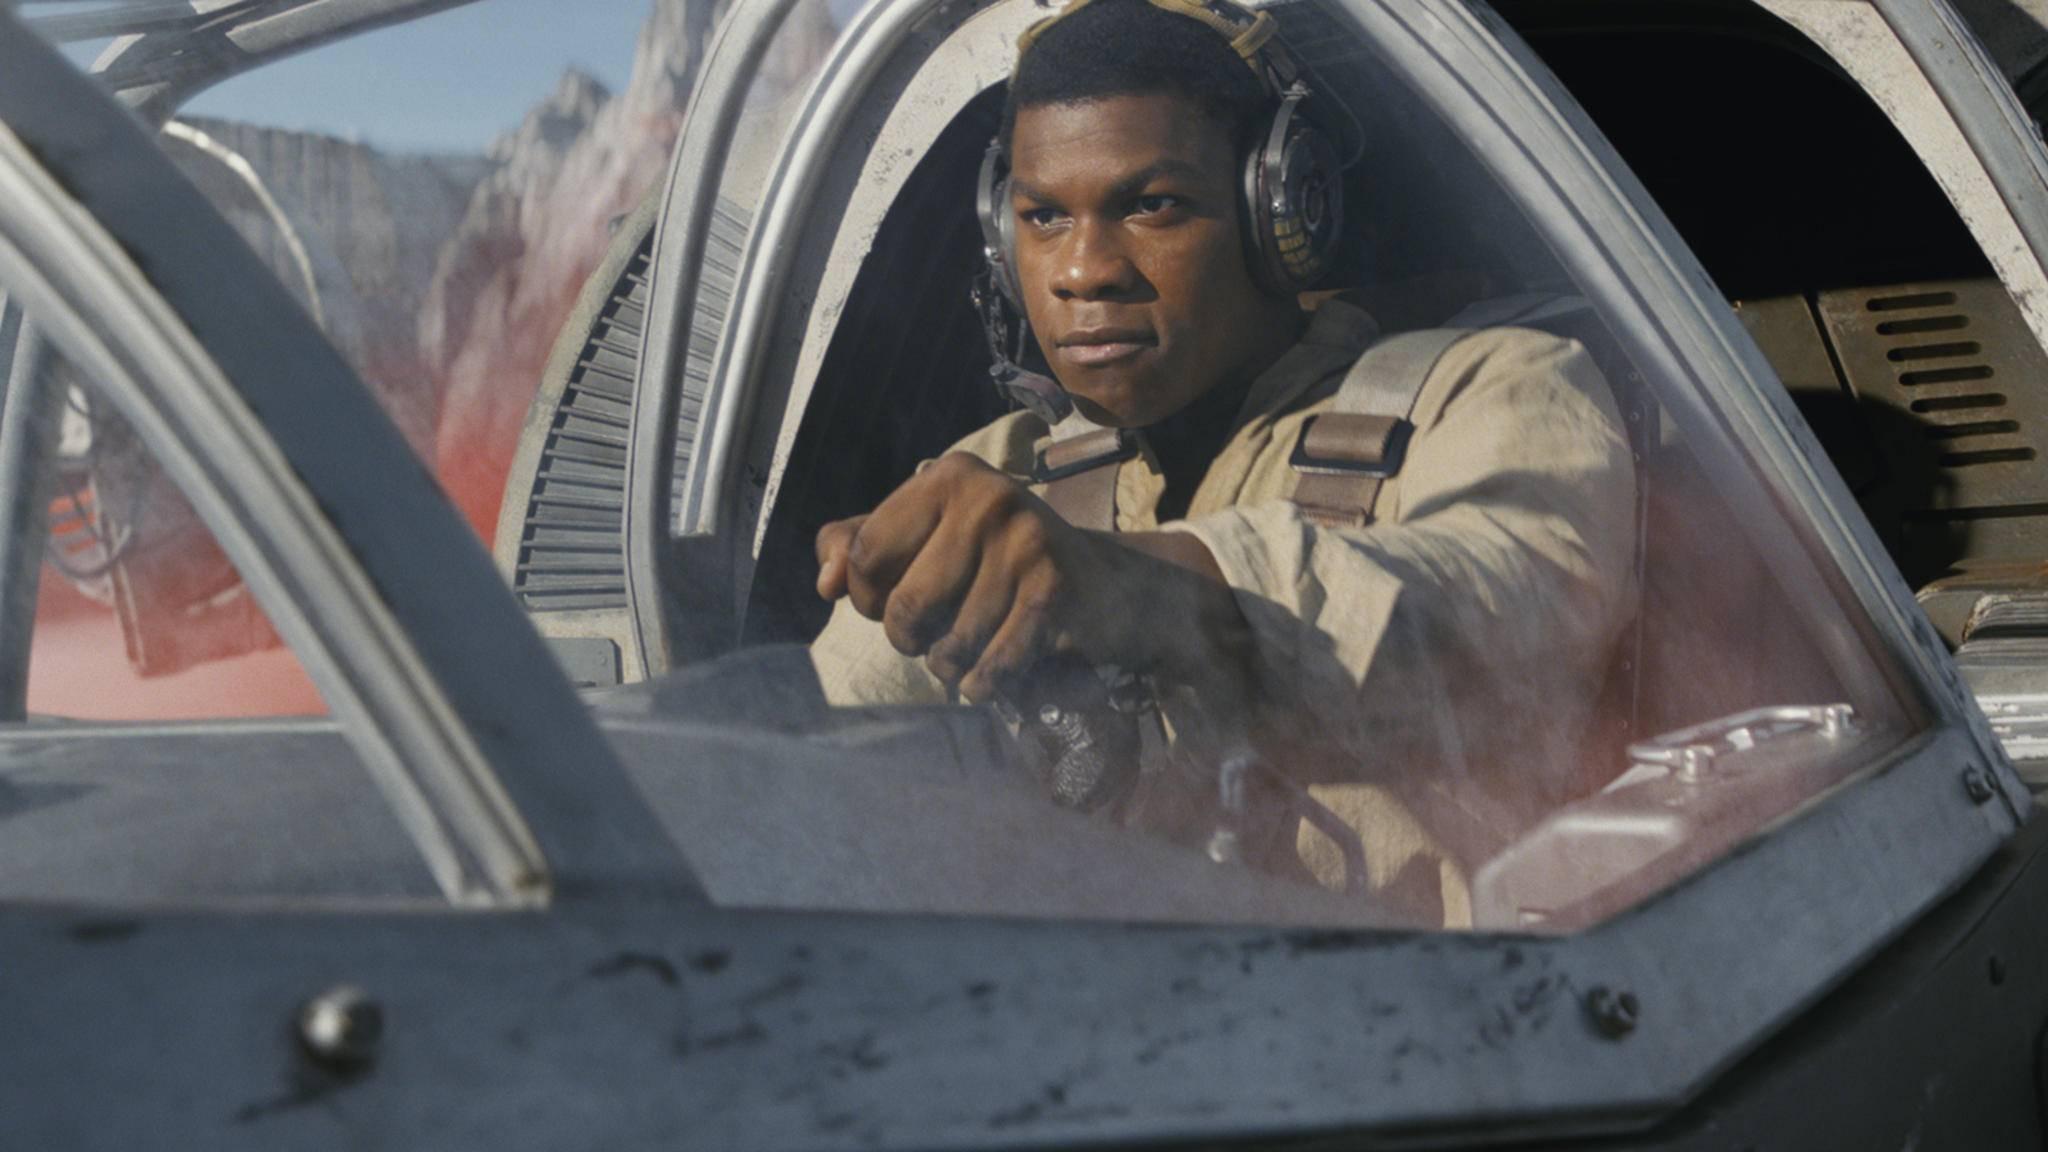 Finn-Darsteller John Boyega missfiel die Musik, die während der Dreharbeiten zu Episode 8 am Set lief.